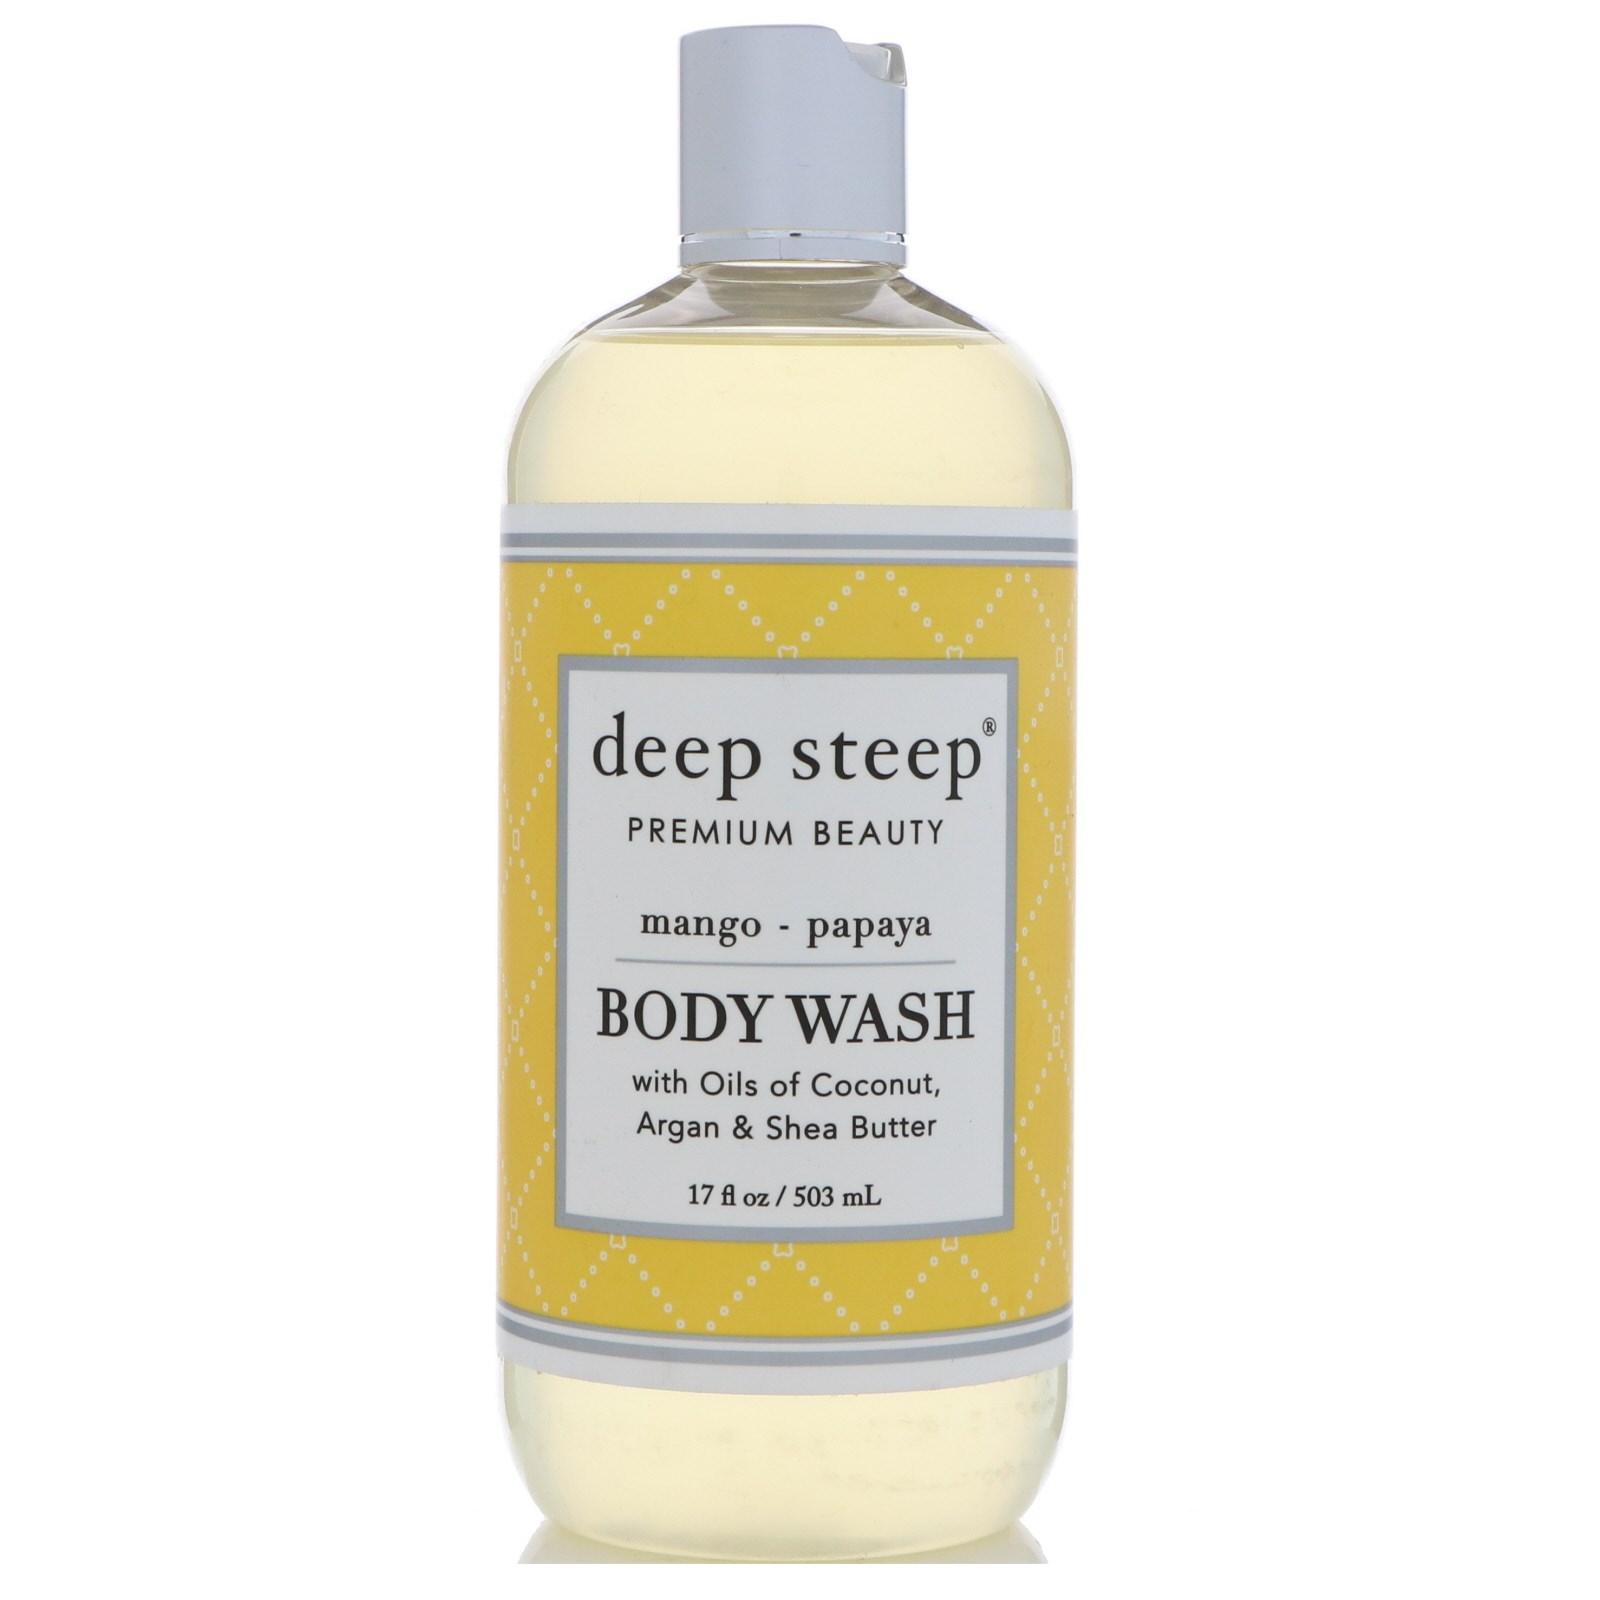 Deep Steep, Body Wash, Mango Papaya, 17 fl oz (503 ml)